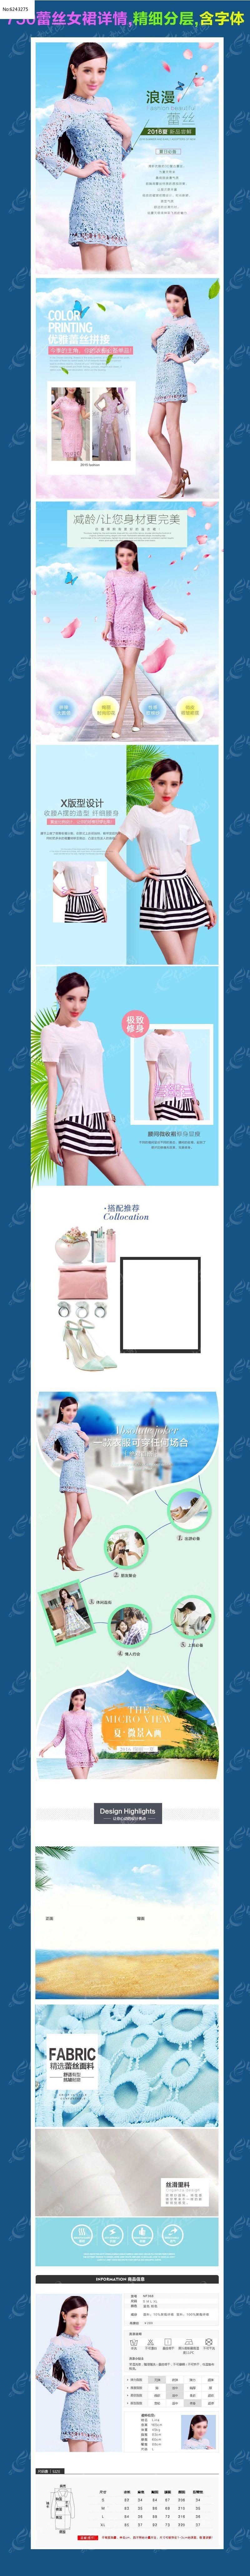 淘宝天猫女装详情页细节描述素材模板图片